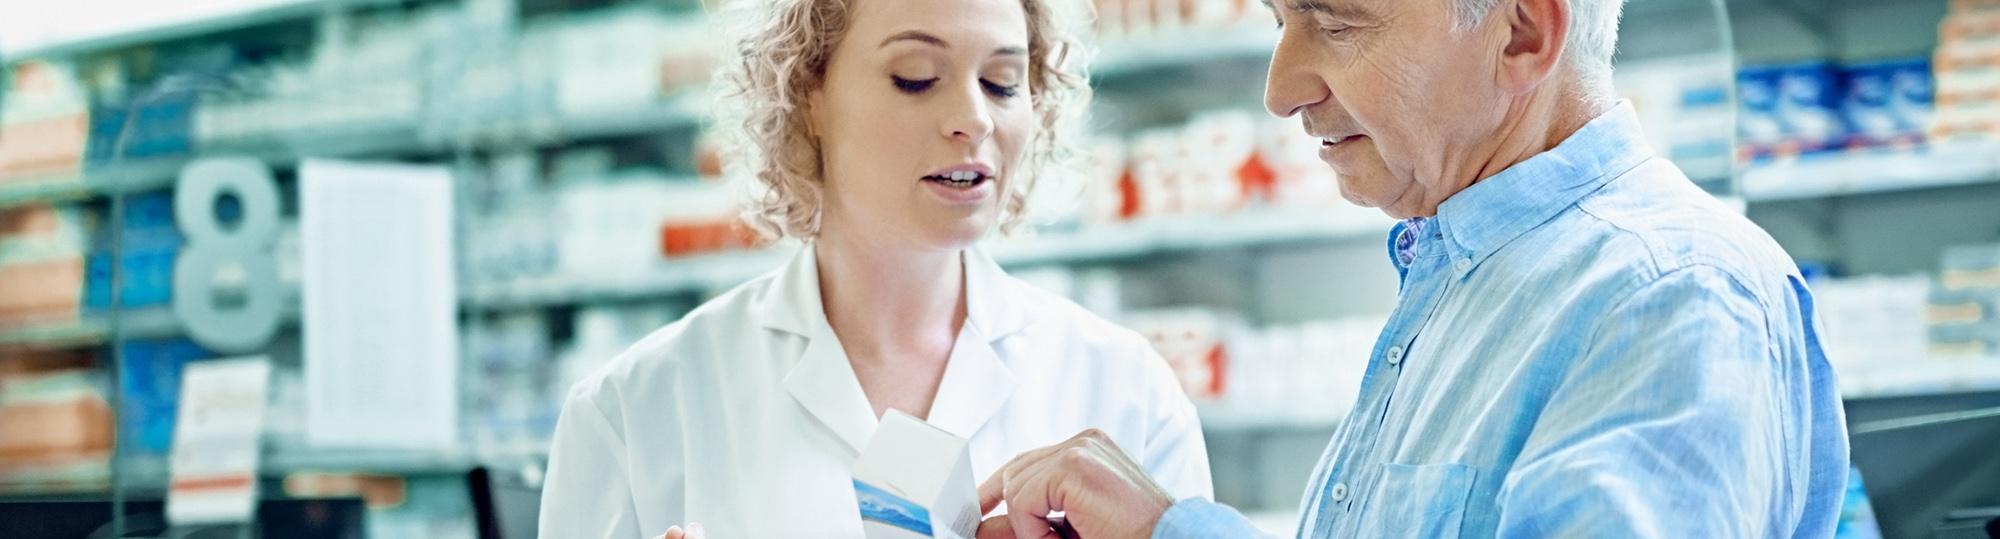 prescription drug discount vetrewards deal hero